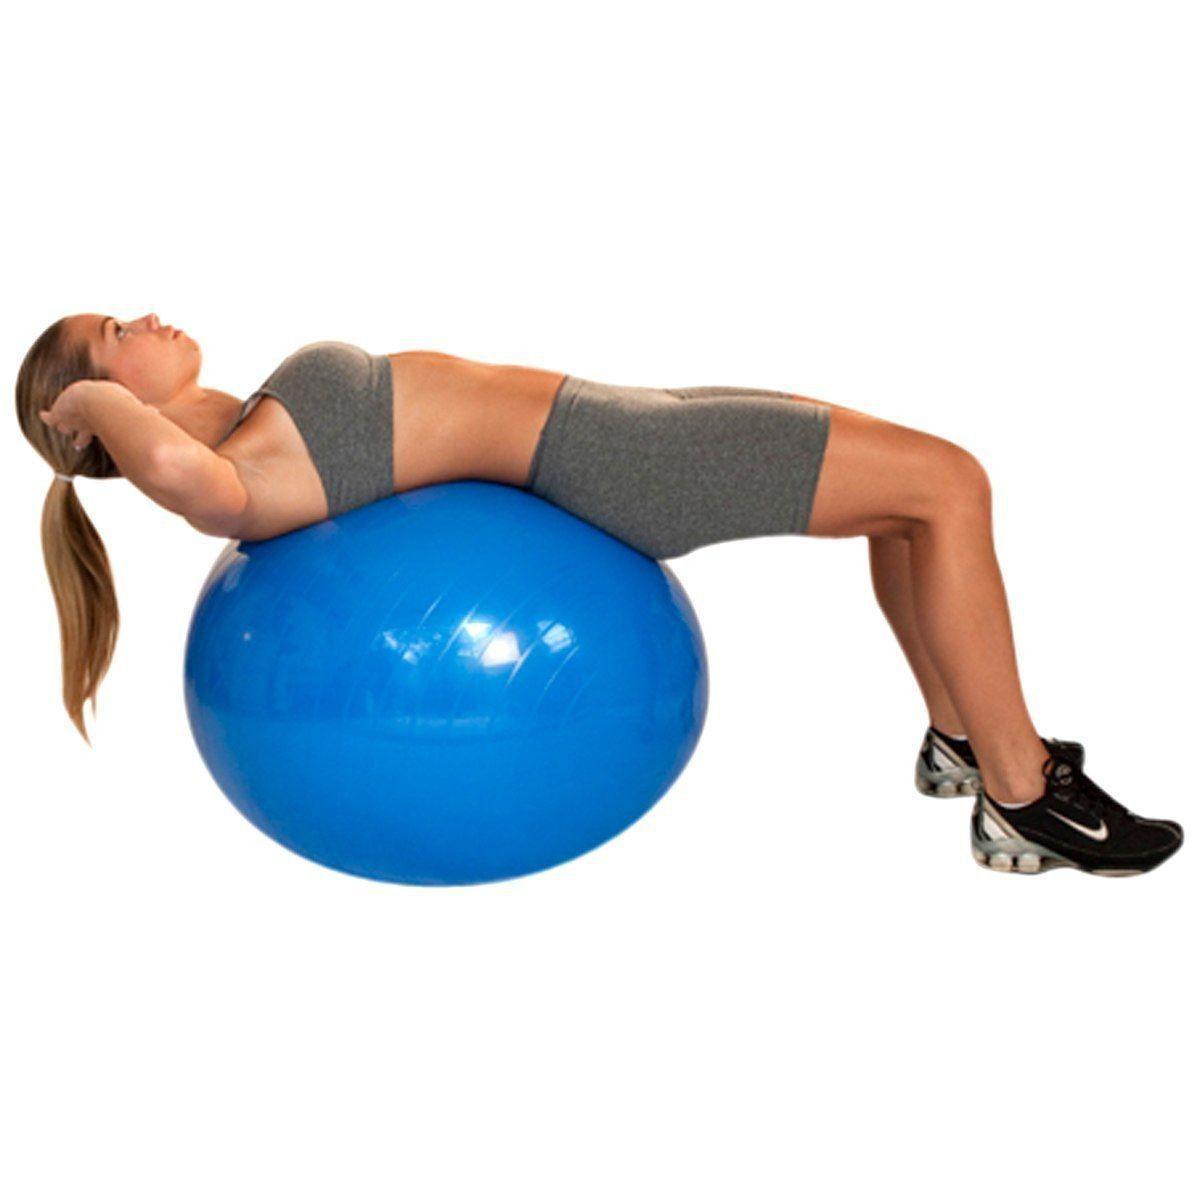 Bola de Pilates 65cm Gym Ball  com Bomba de Ar até 300Kg  - Acte Sports